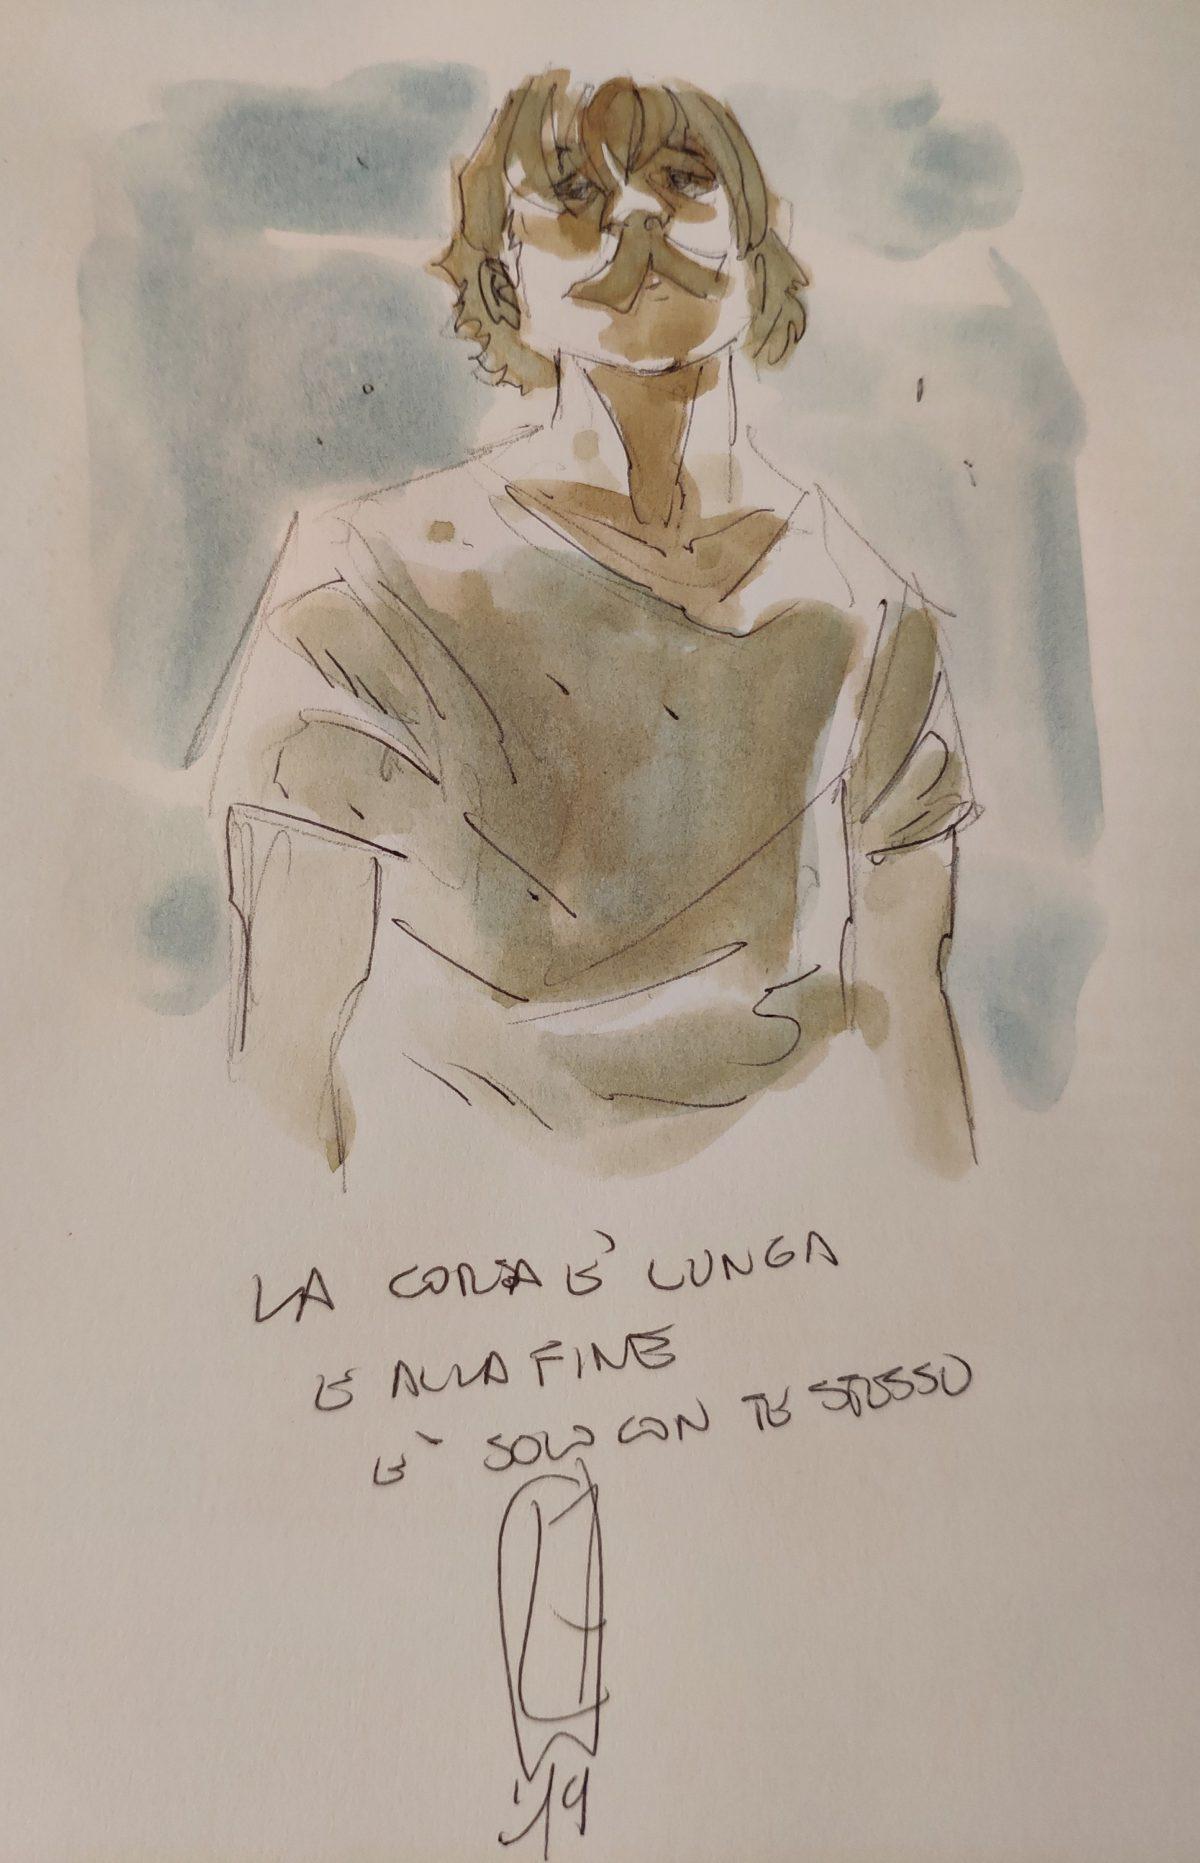 Mio Caro Fumetto - La corsa è lunga e alla fine è solo con te stesso - Dedica di Luca Ferrara sulla mia copia di Dorando Pietri.